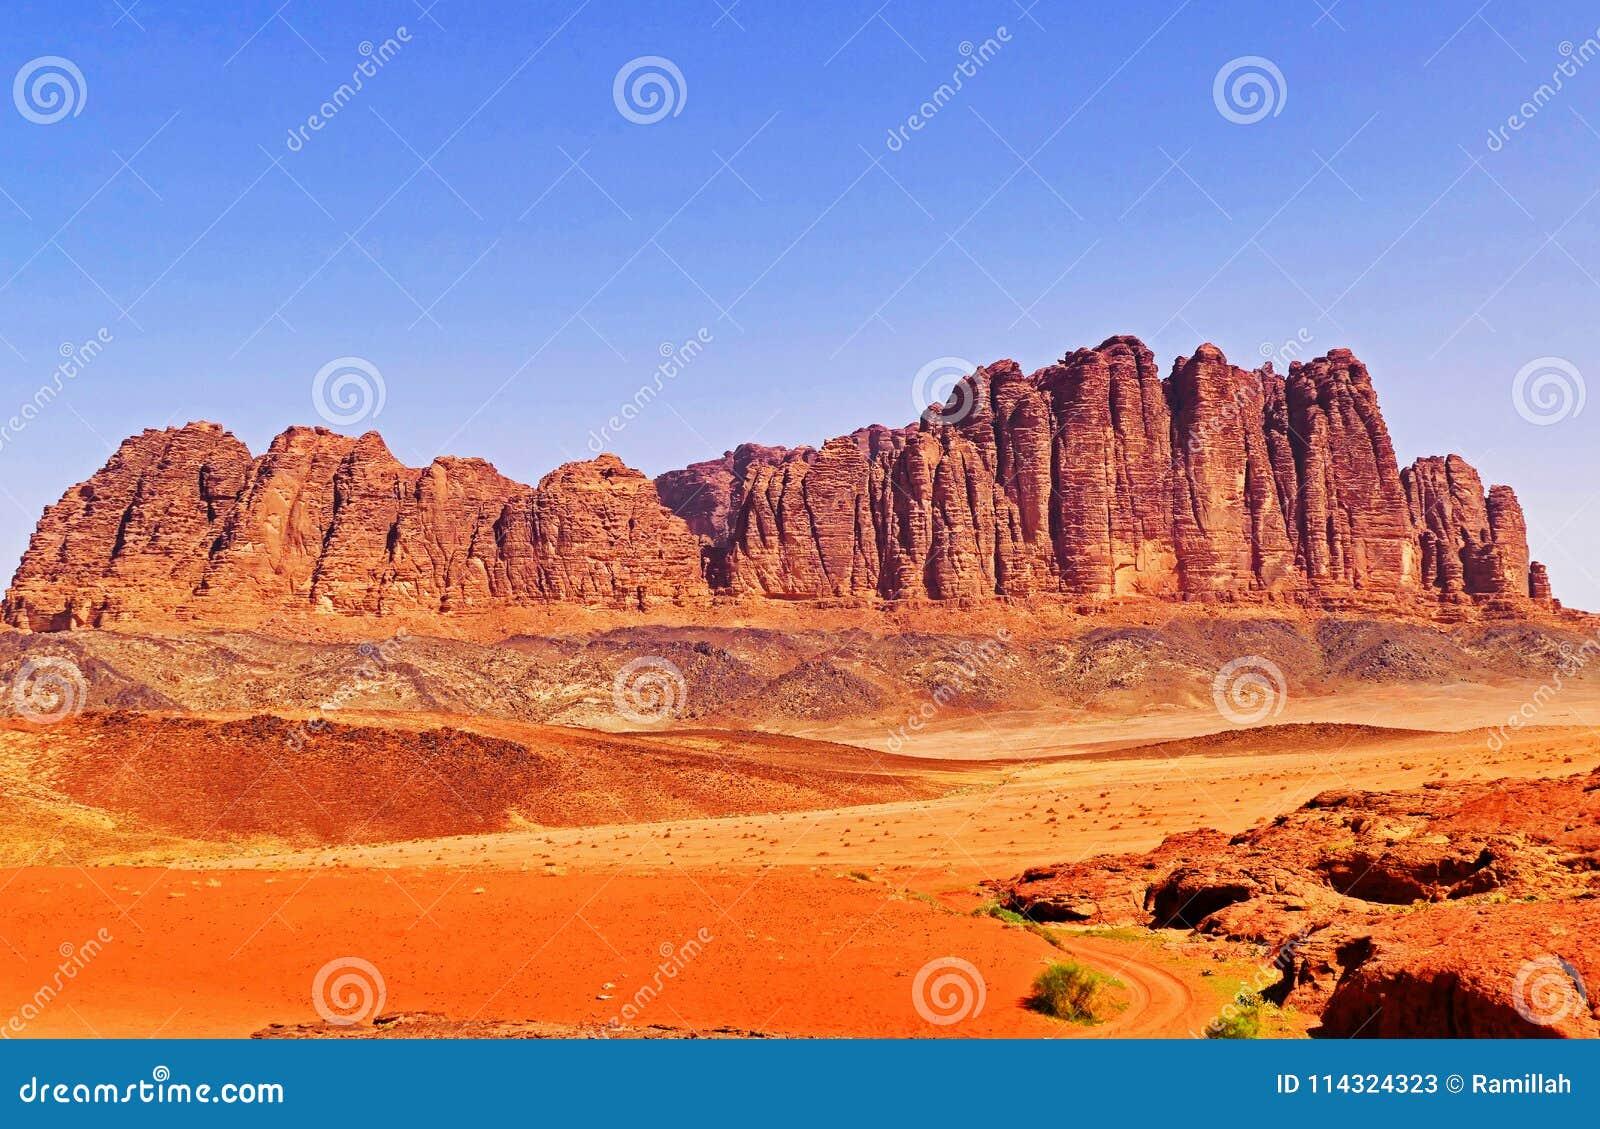 Scenic Landscape Rocky Mountain in Wadi Rum Desert, Jordan